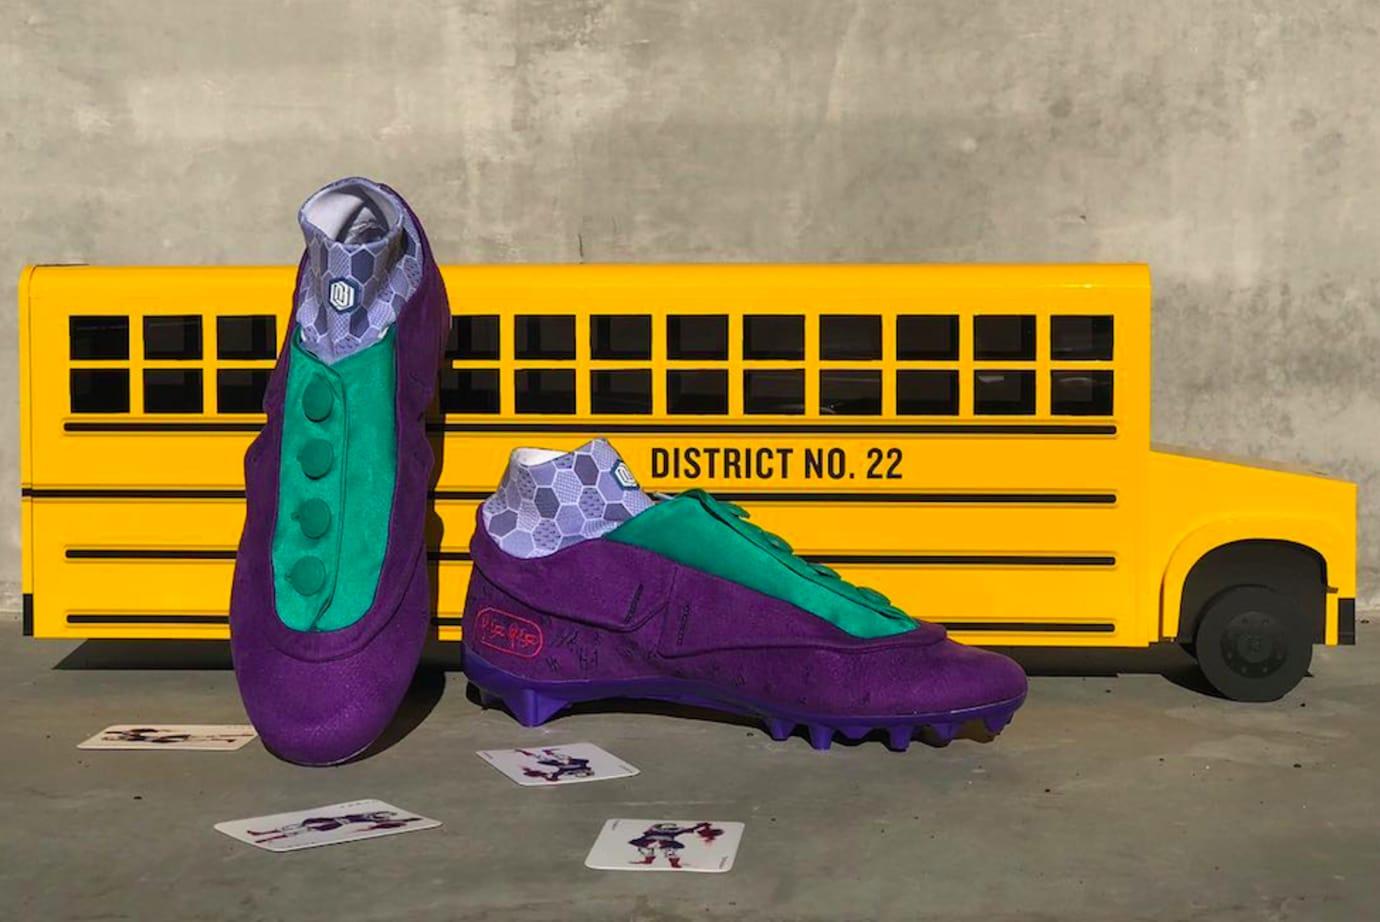 Odell Beckham Jr. Nike 'Joker' Cleats 6